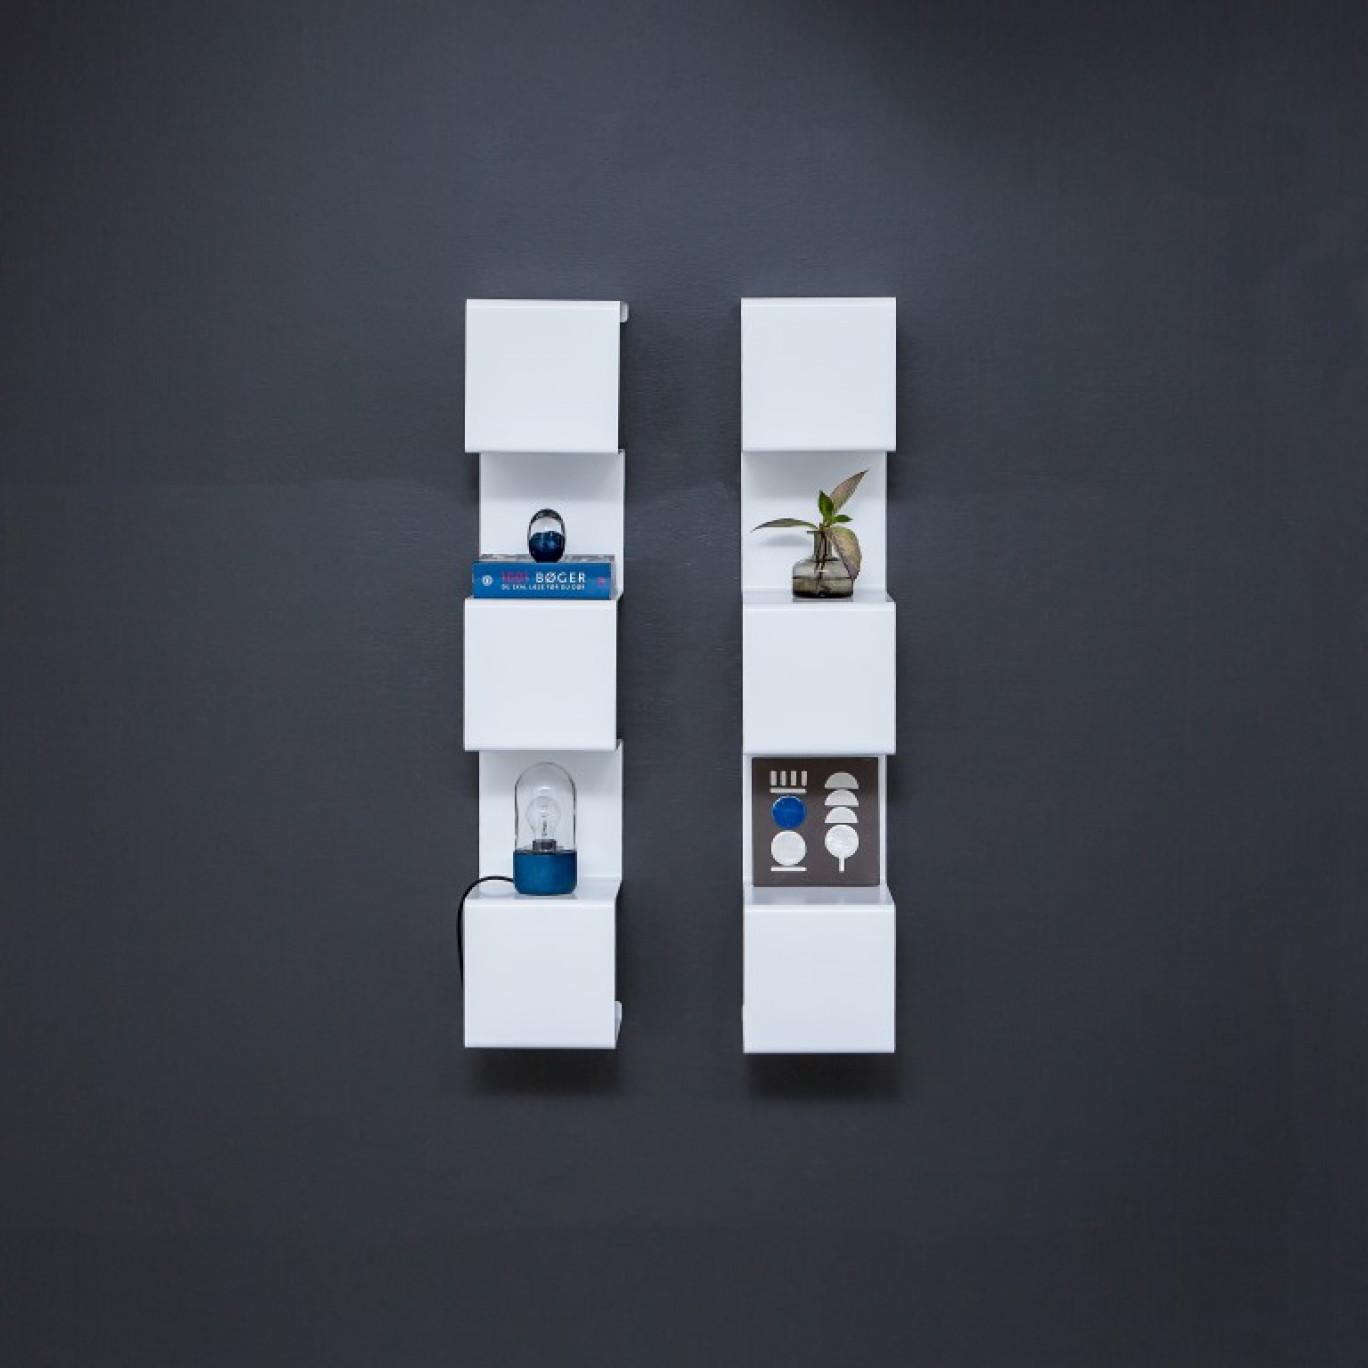 Shelf Showcase #4 | White